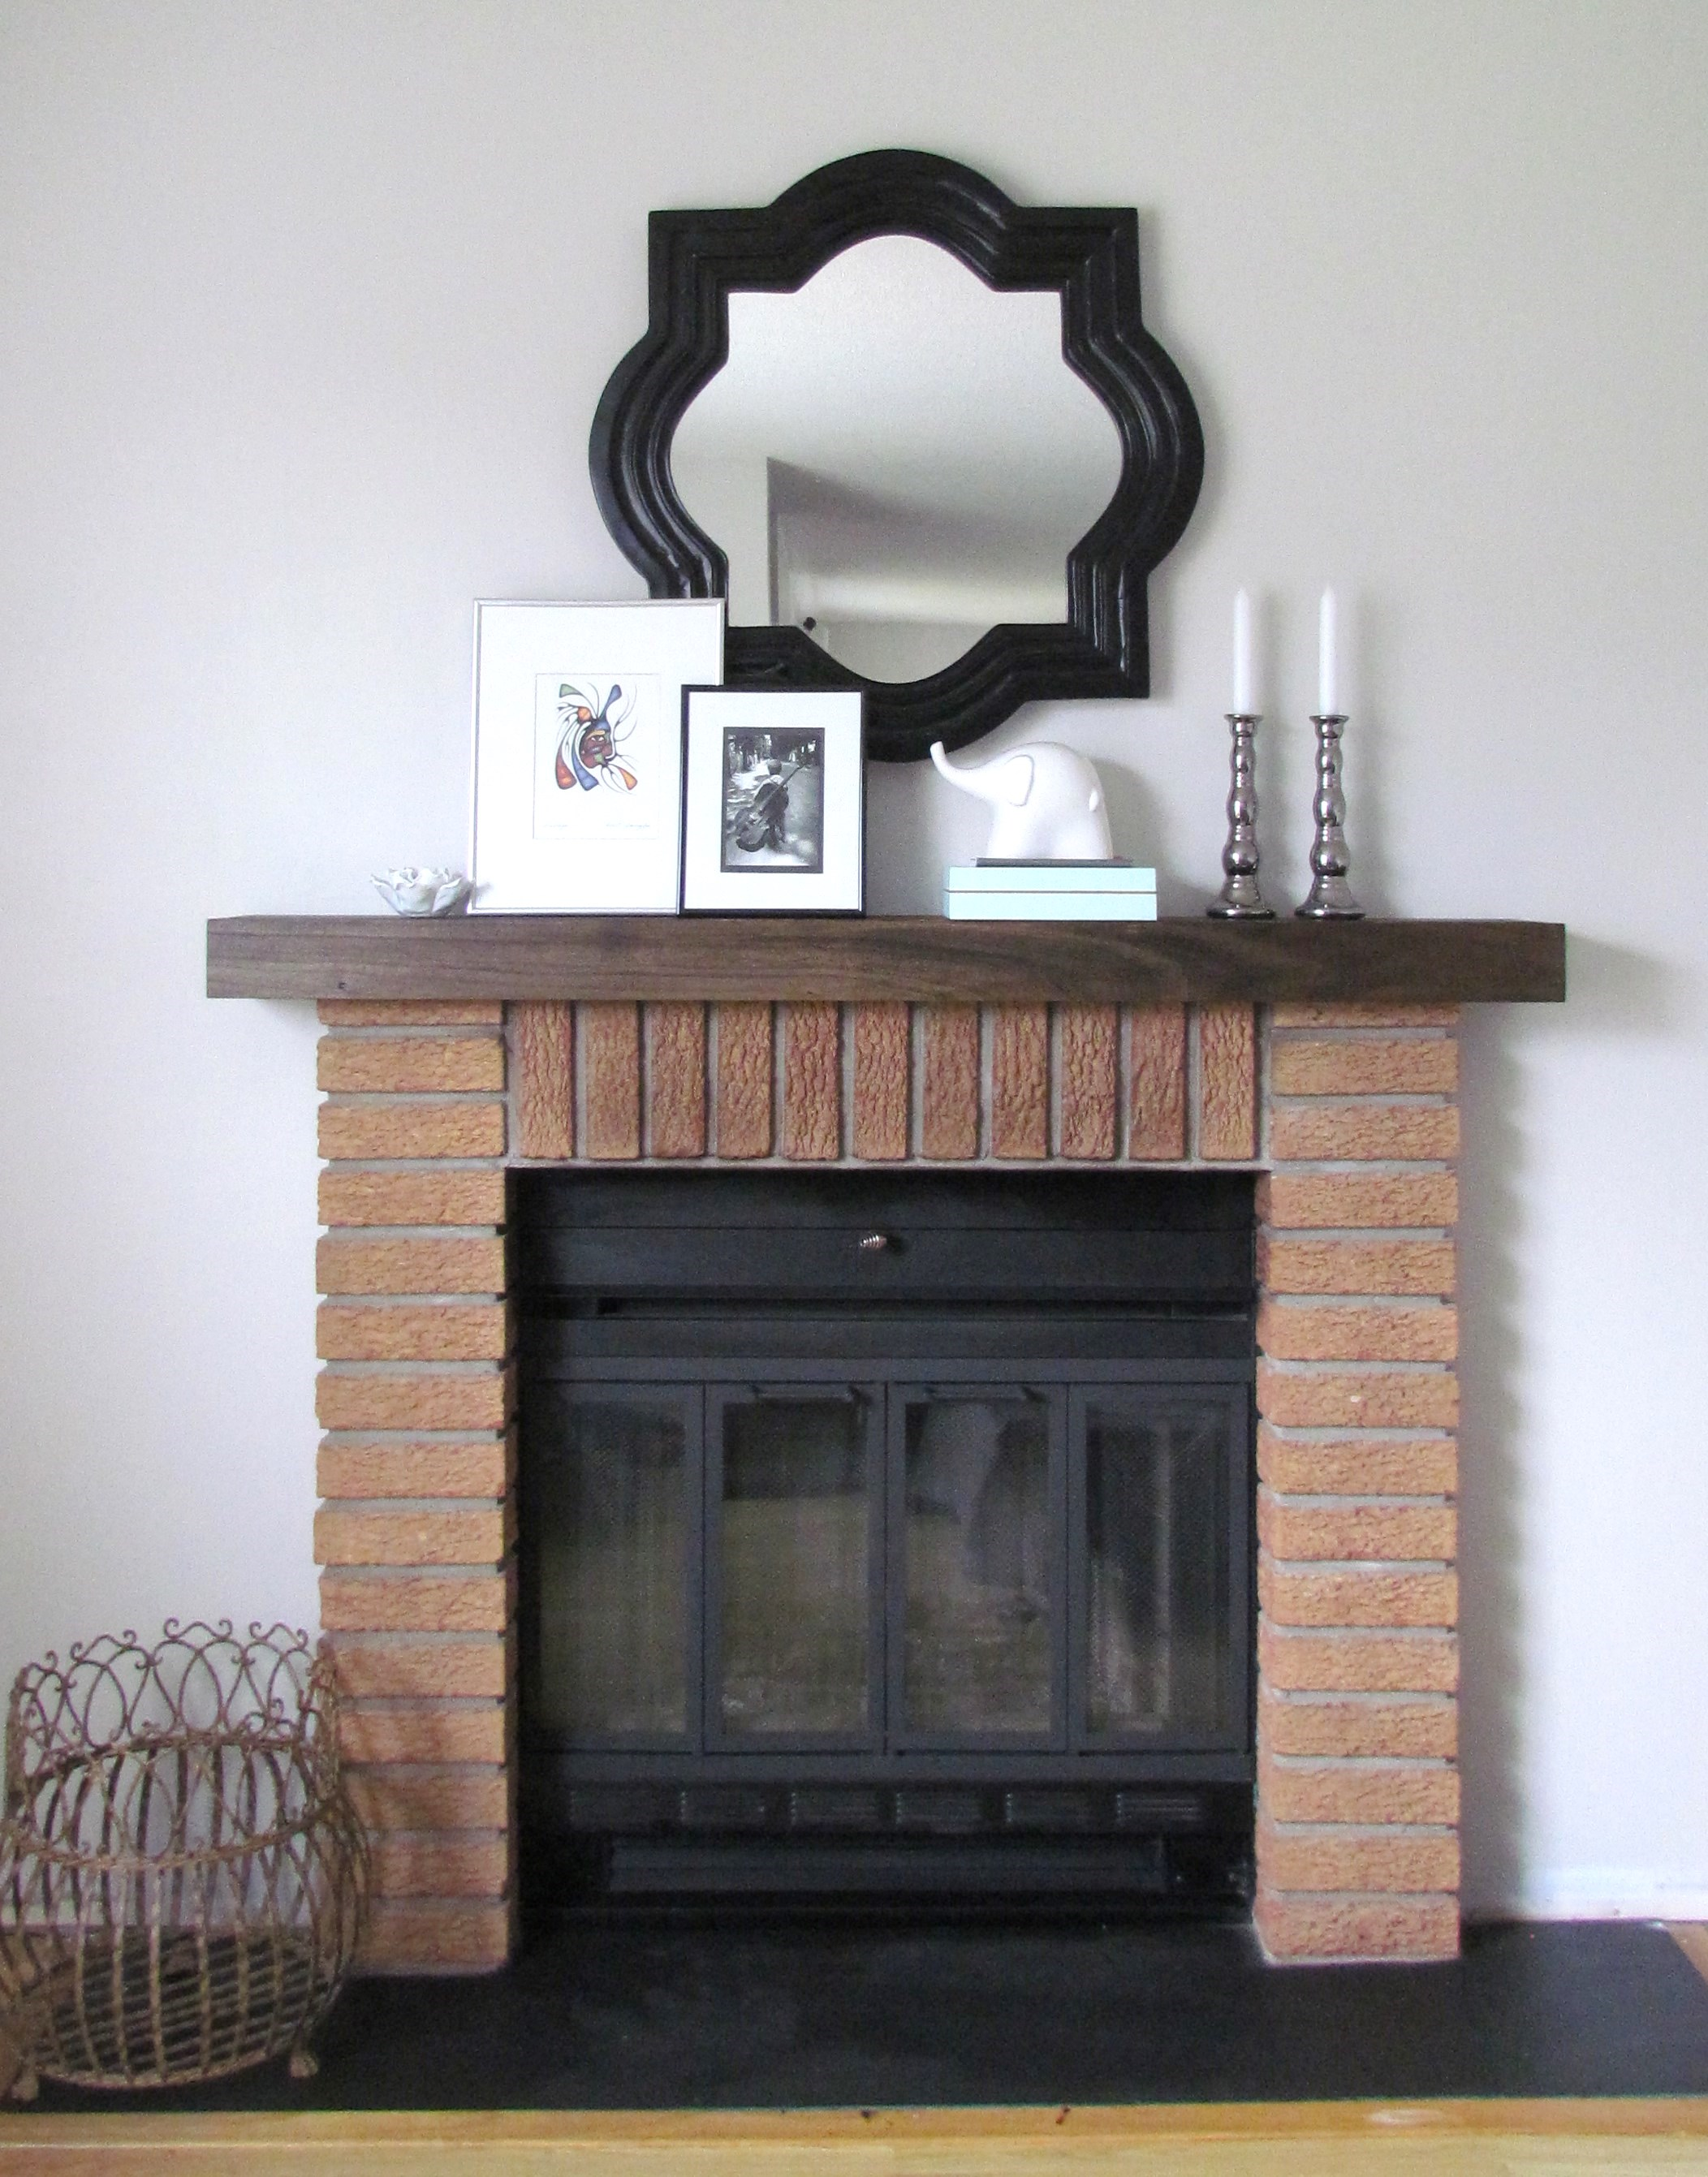 diy mantel shelf hometown loving. Black Bedroom Furniture Sets. Home Design Ideas